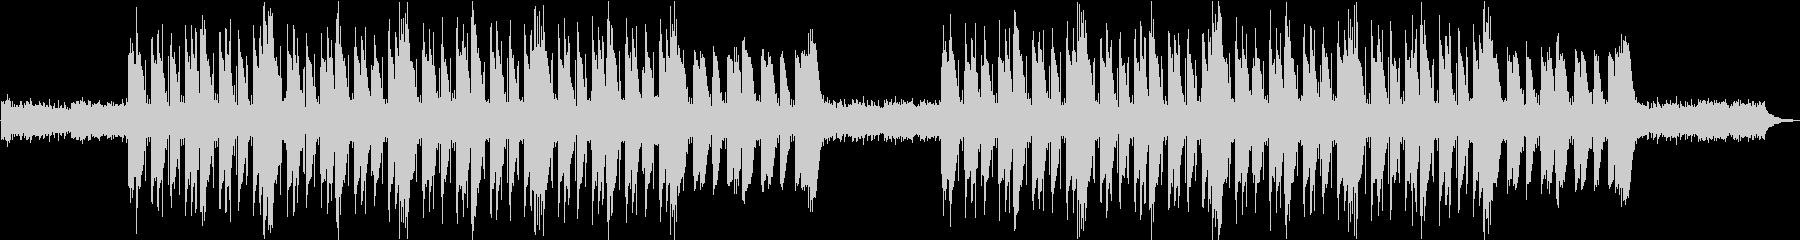 トラップ・暗い・ピアノ・コロナ・感傷的の未再生の波形